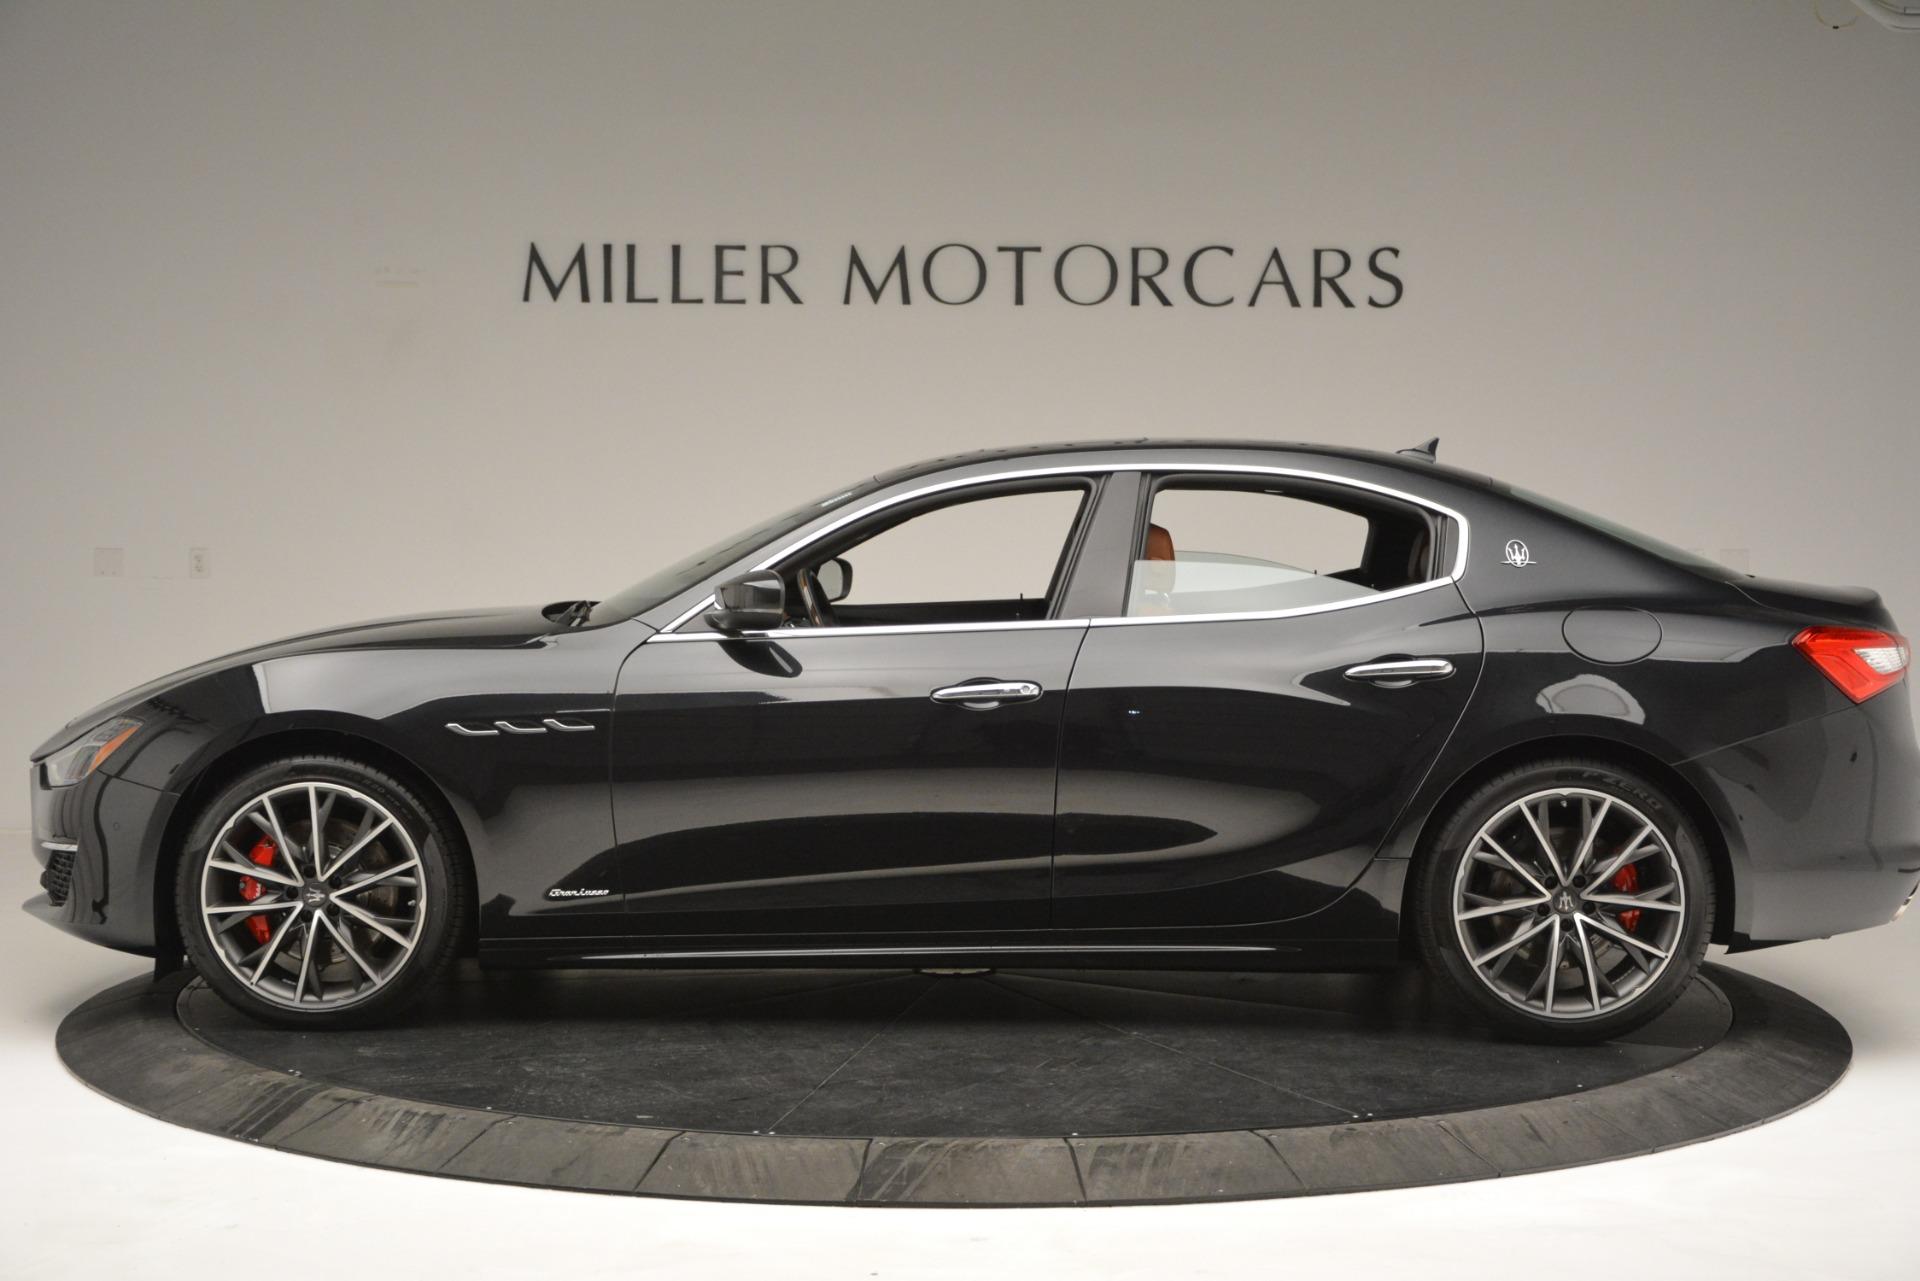 New 2019 Maserati Ghibli S Q4 GranLusso For Sale In Greenwich, CT 2590_p3